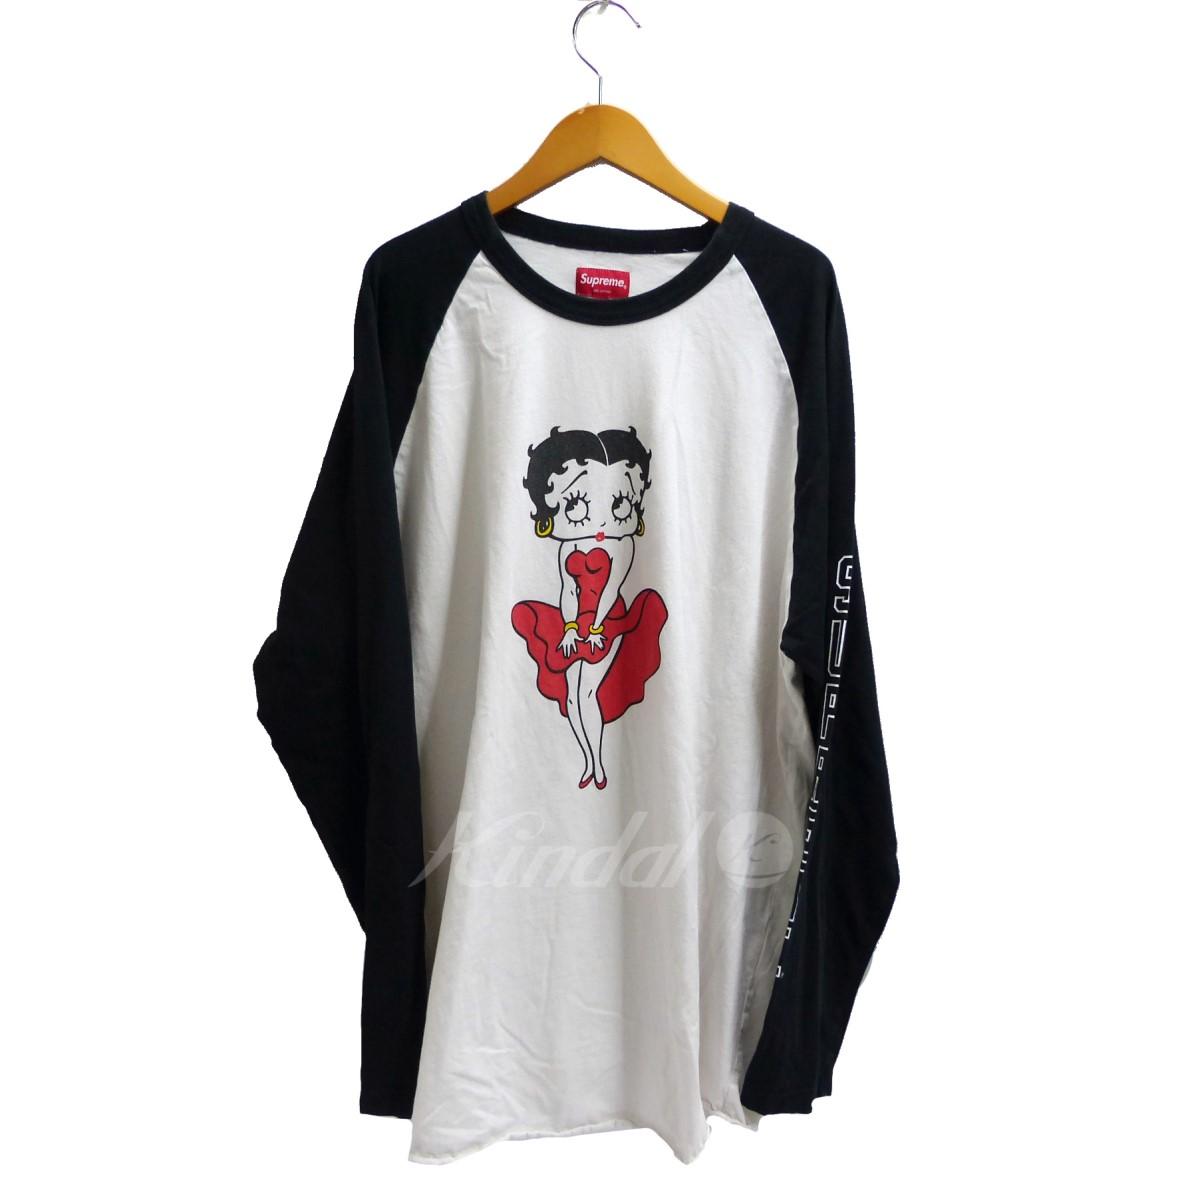 【中古】SUPREME 2016SS Betty Boop Reglan ホワイト サイズ:XL 【送料無料】 【100718】(シュプリーム)